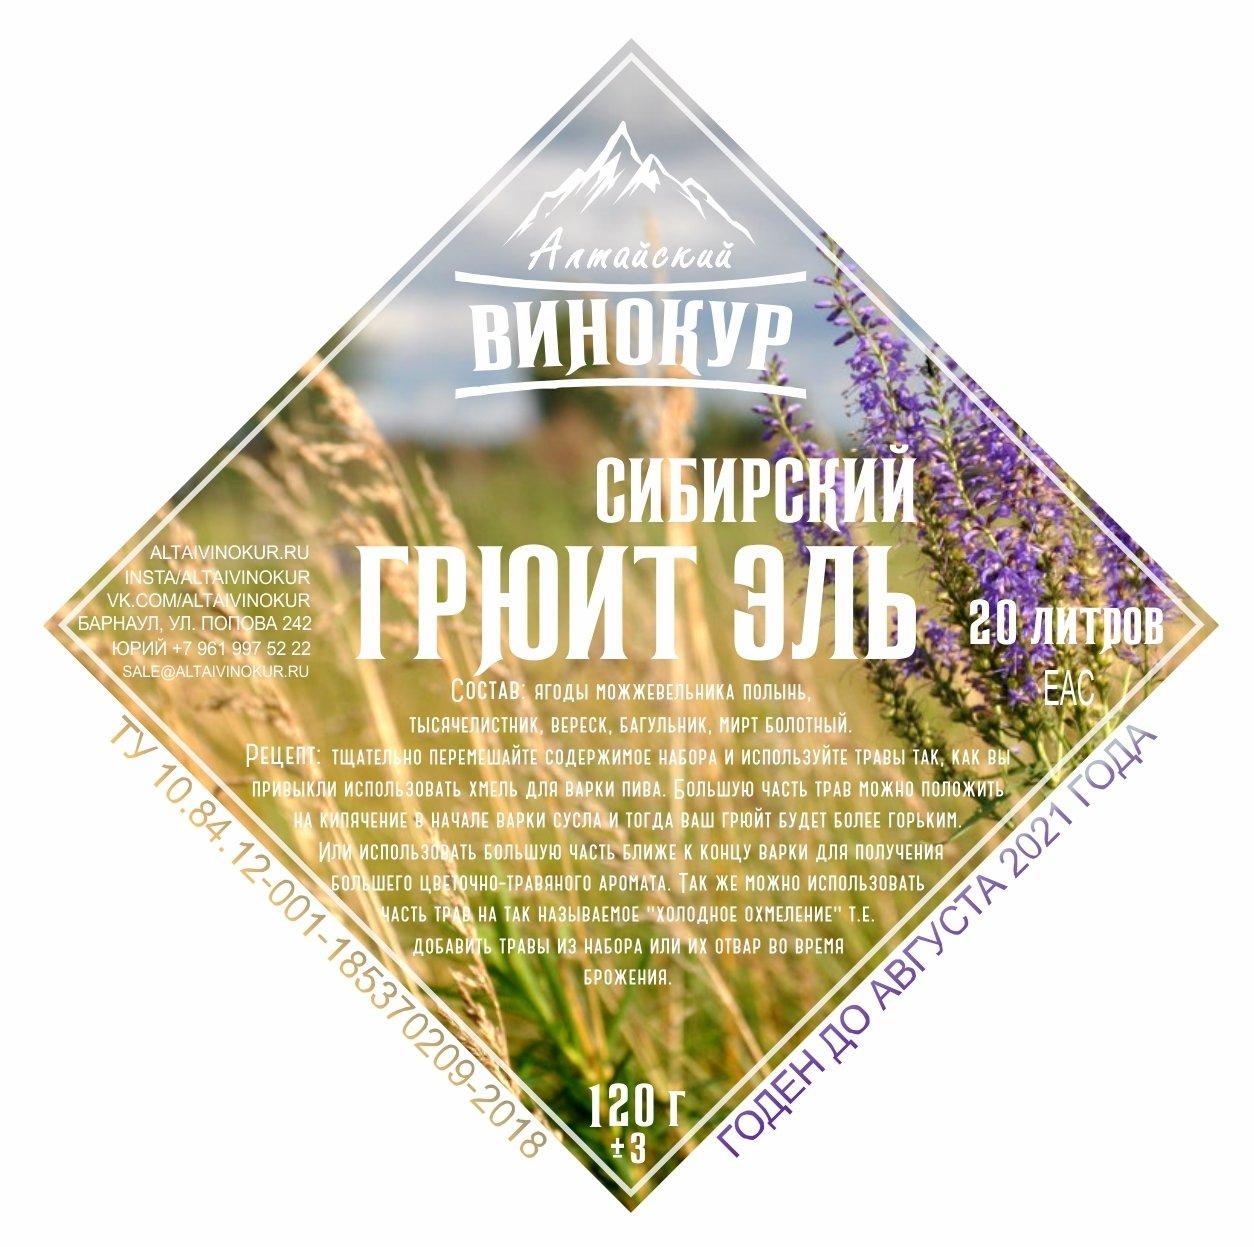 Сибирский грюйт эль | Набор трав и пряностей